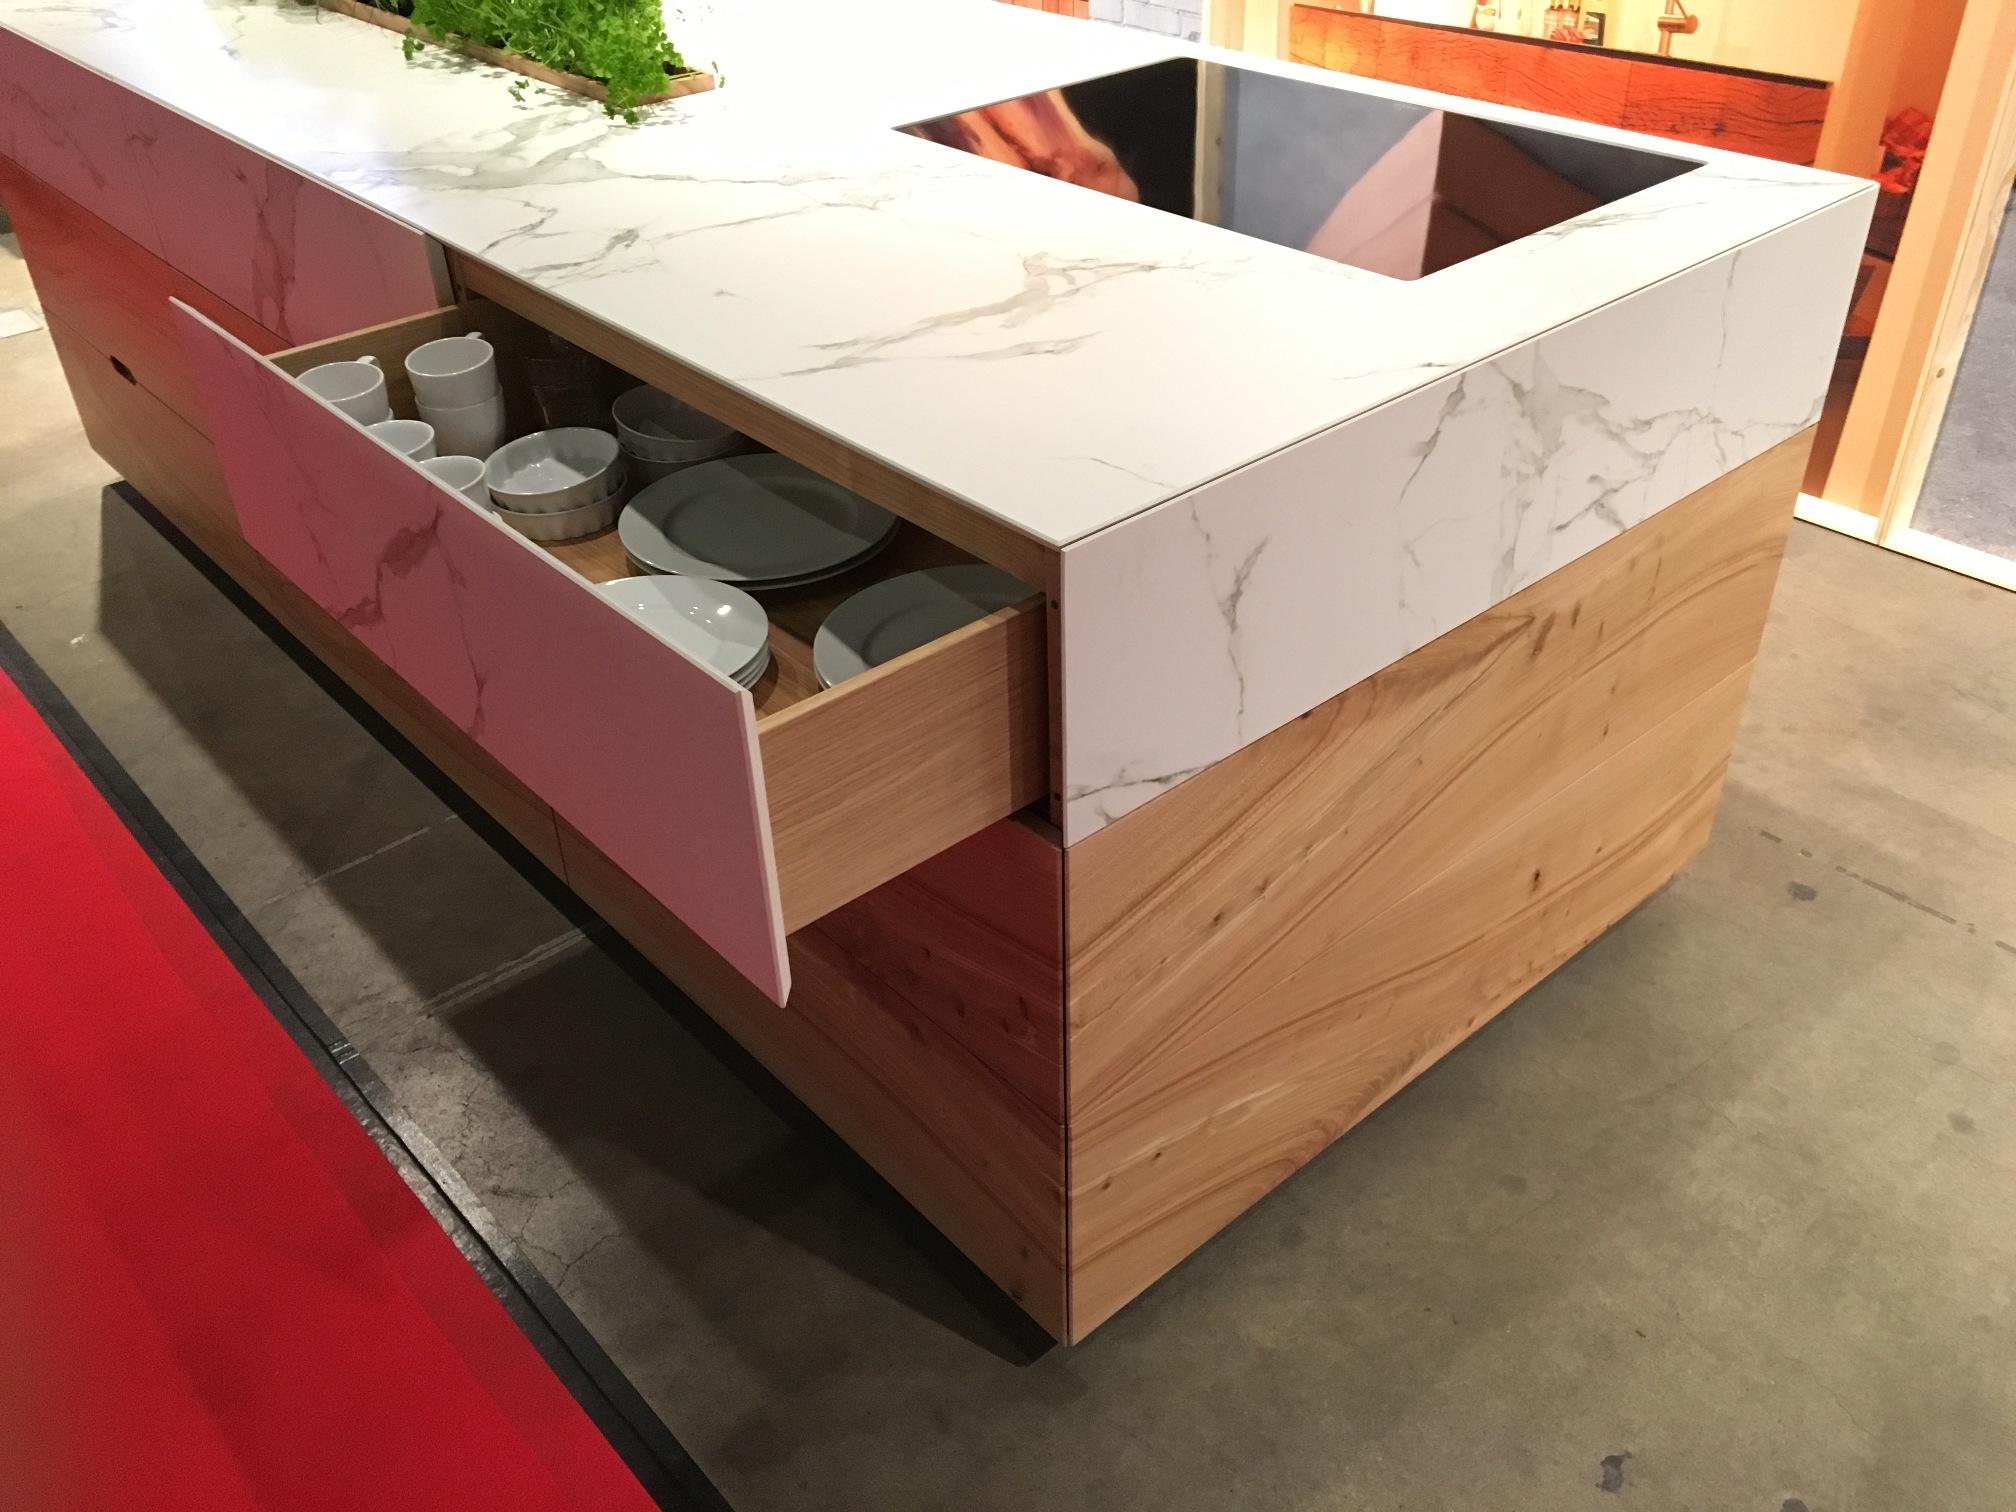 Iepenhouten Keuken, SOOL op Wonen&Co 2016